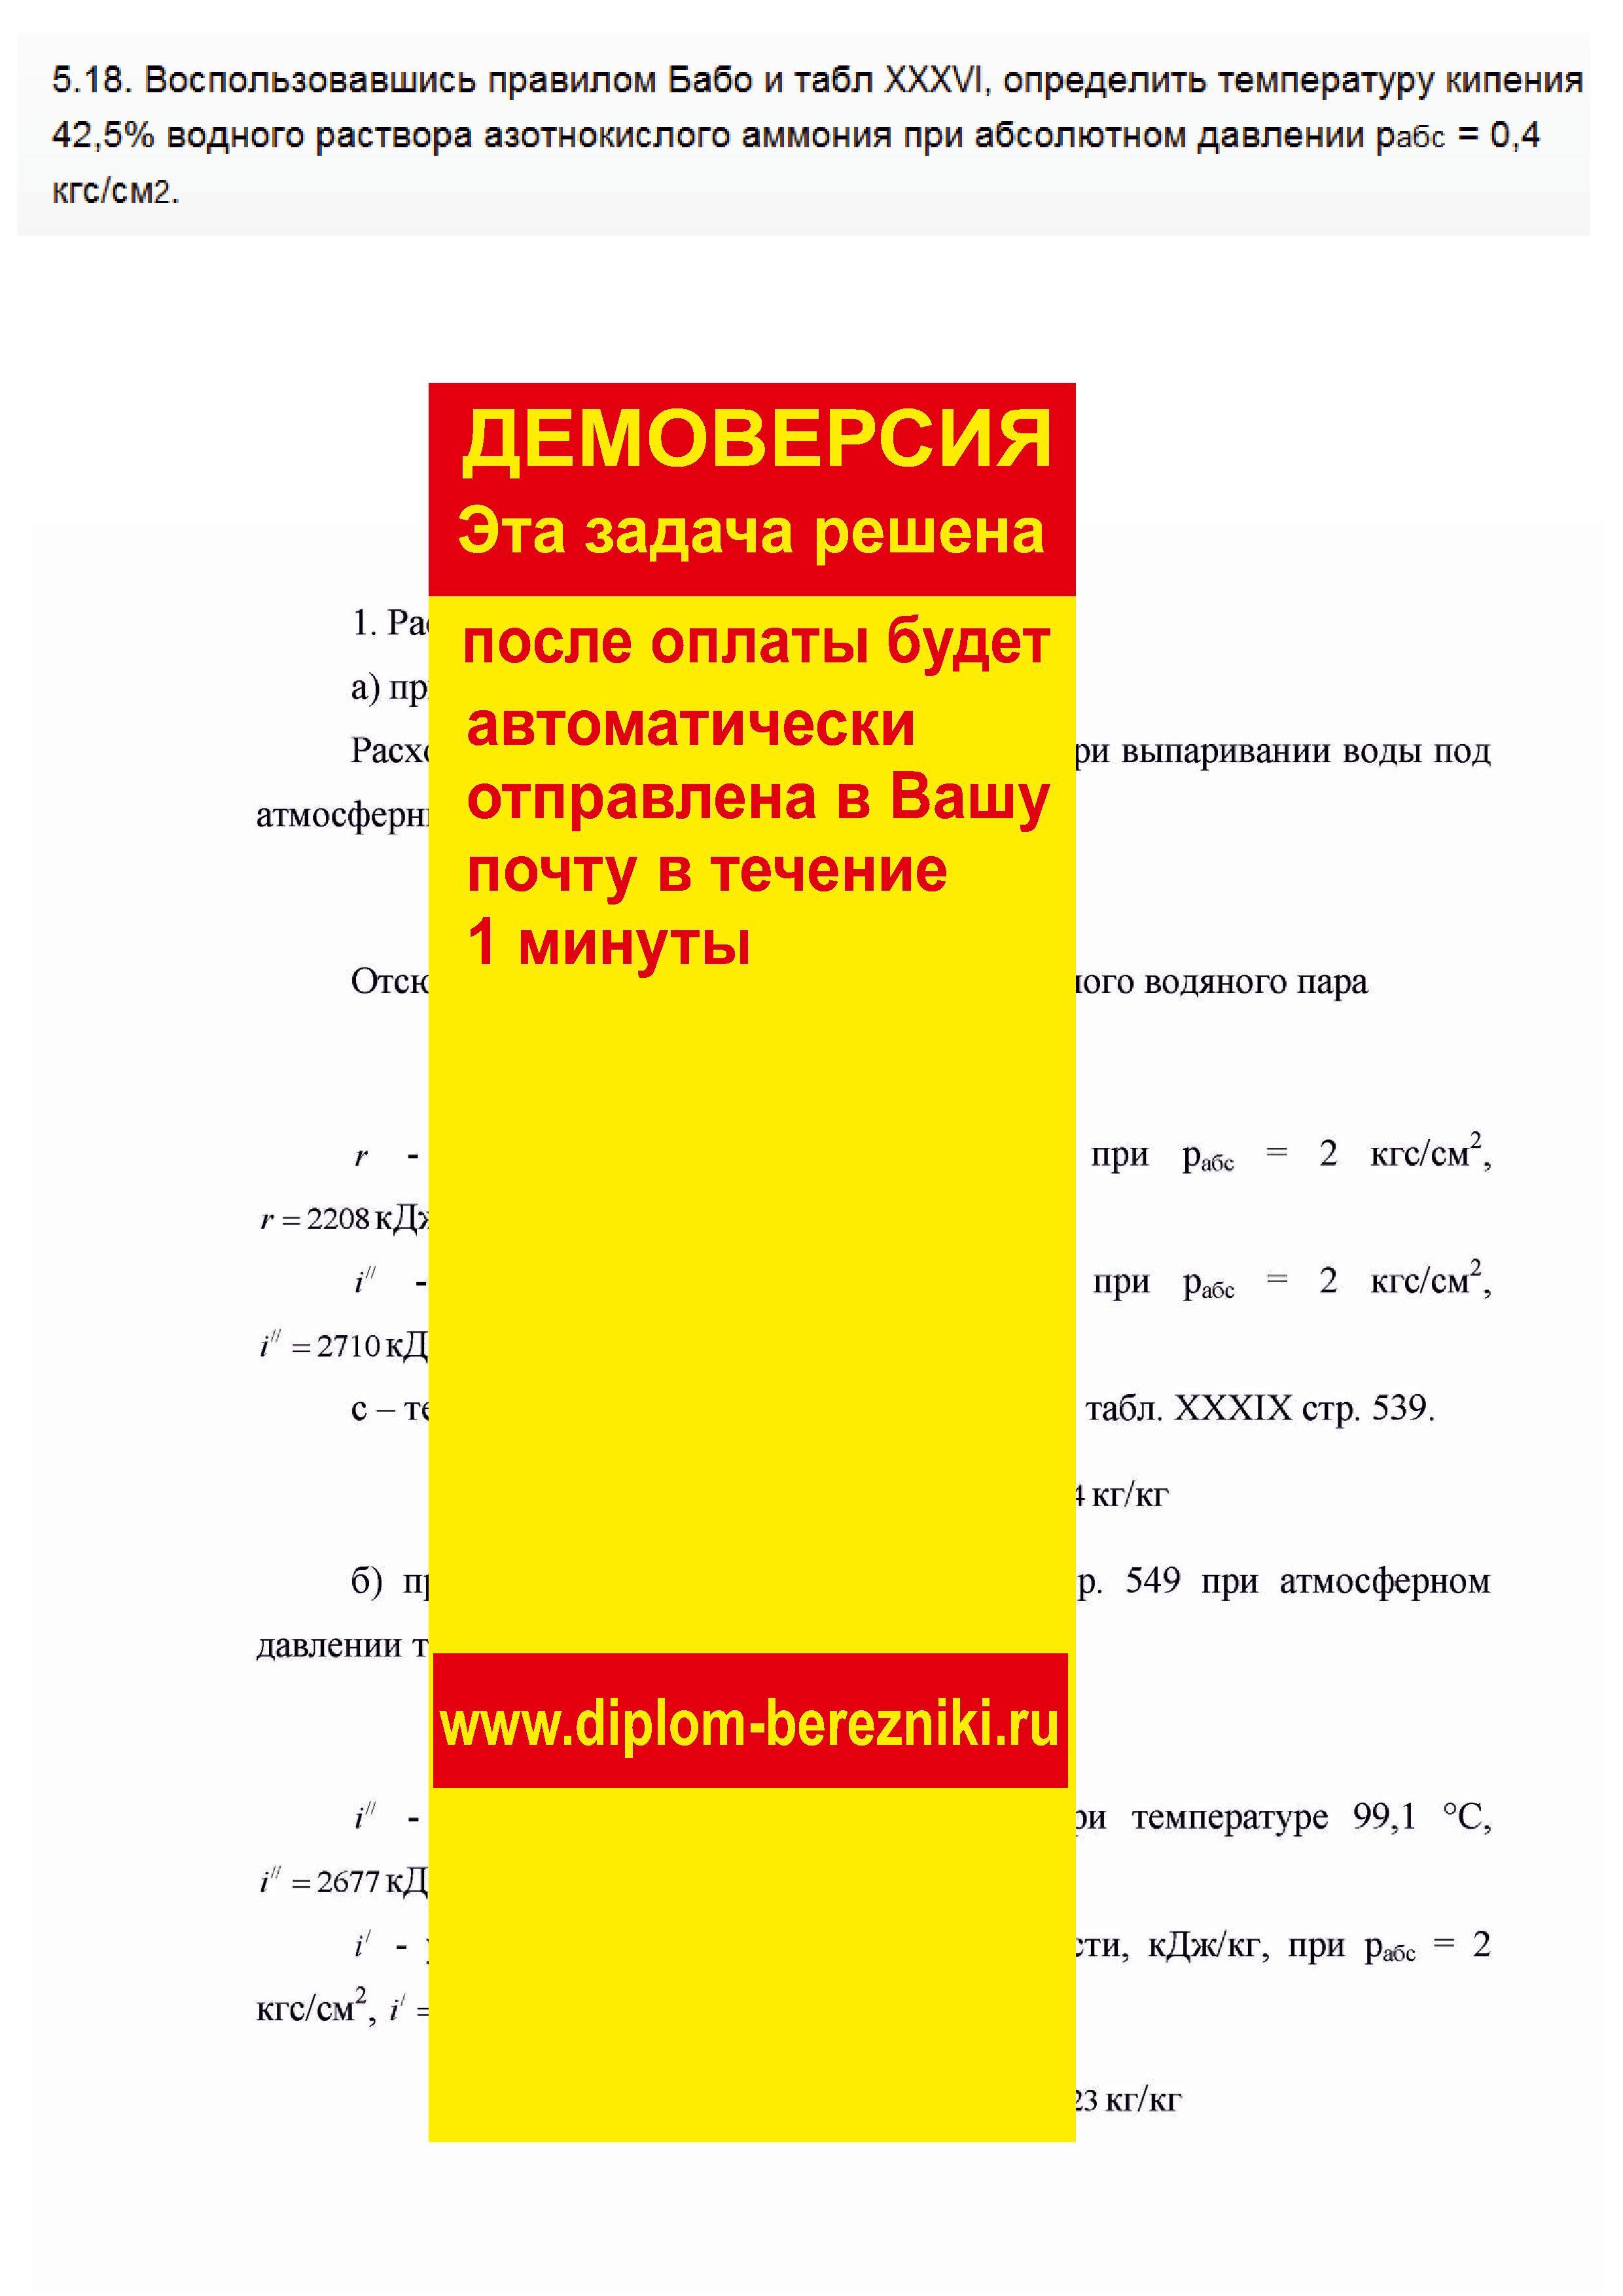 Решение задачи 5.18 по ПАХТ из задачника Павлова Романкова Носкова